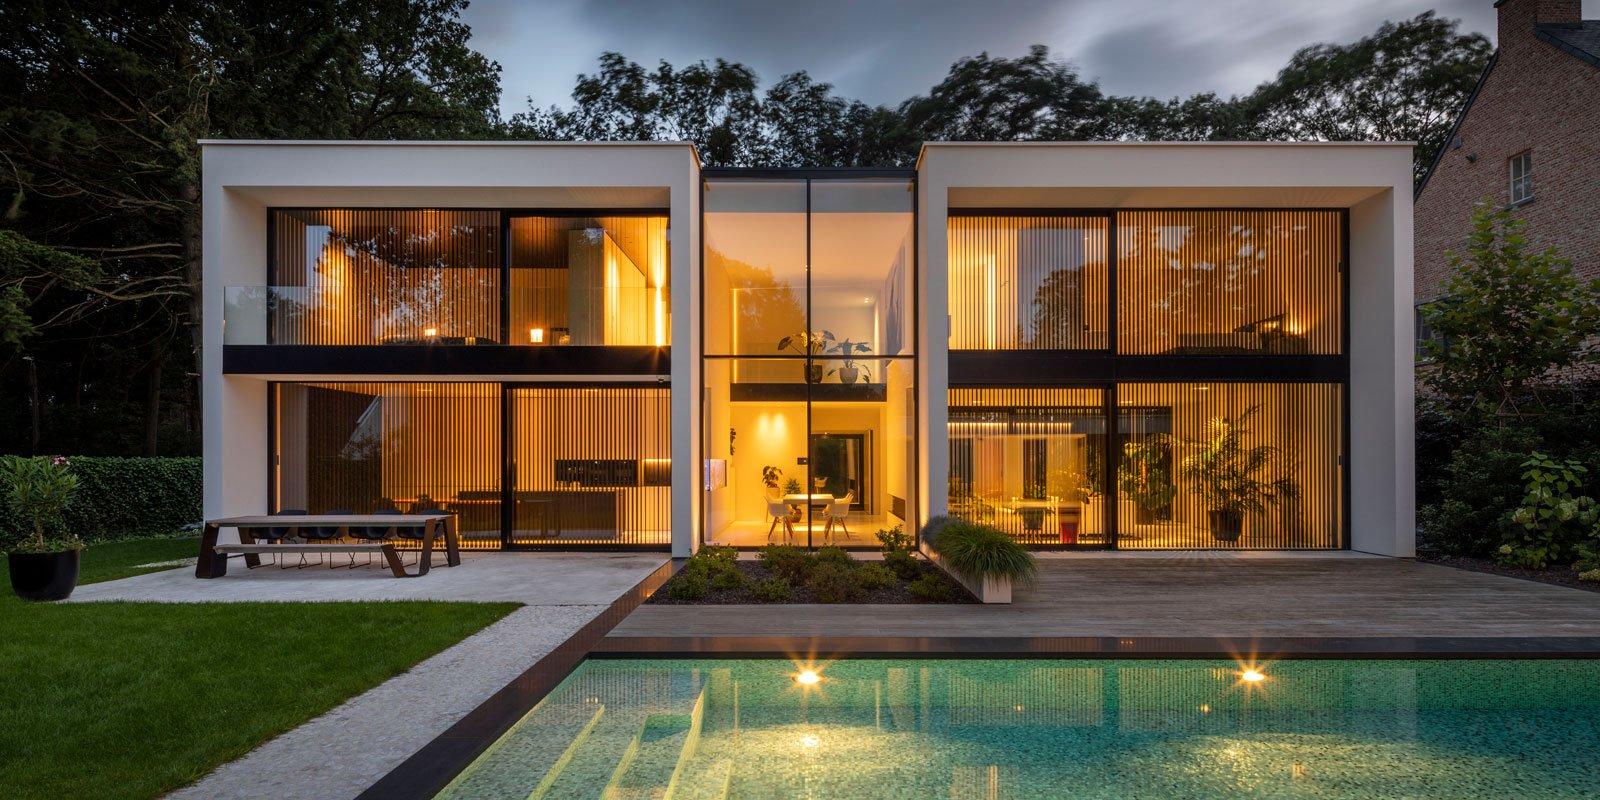 Witte villa | Buro2018, the art of living